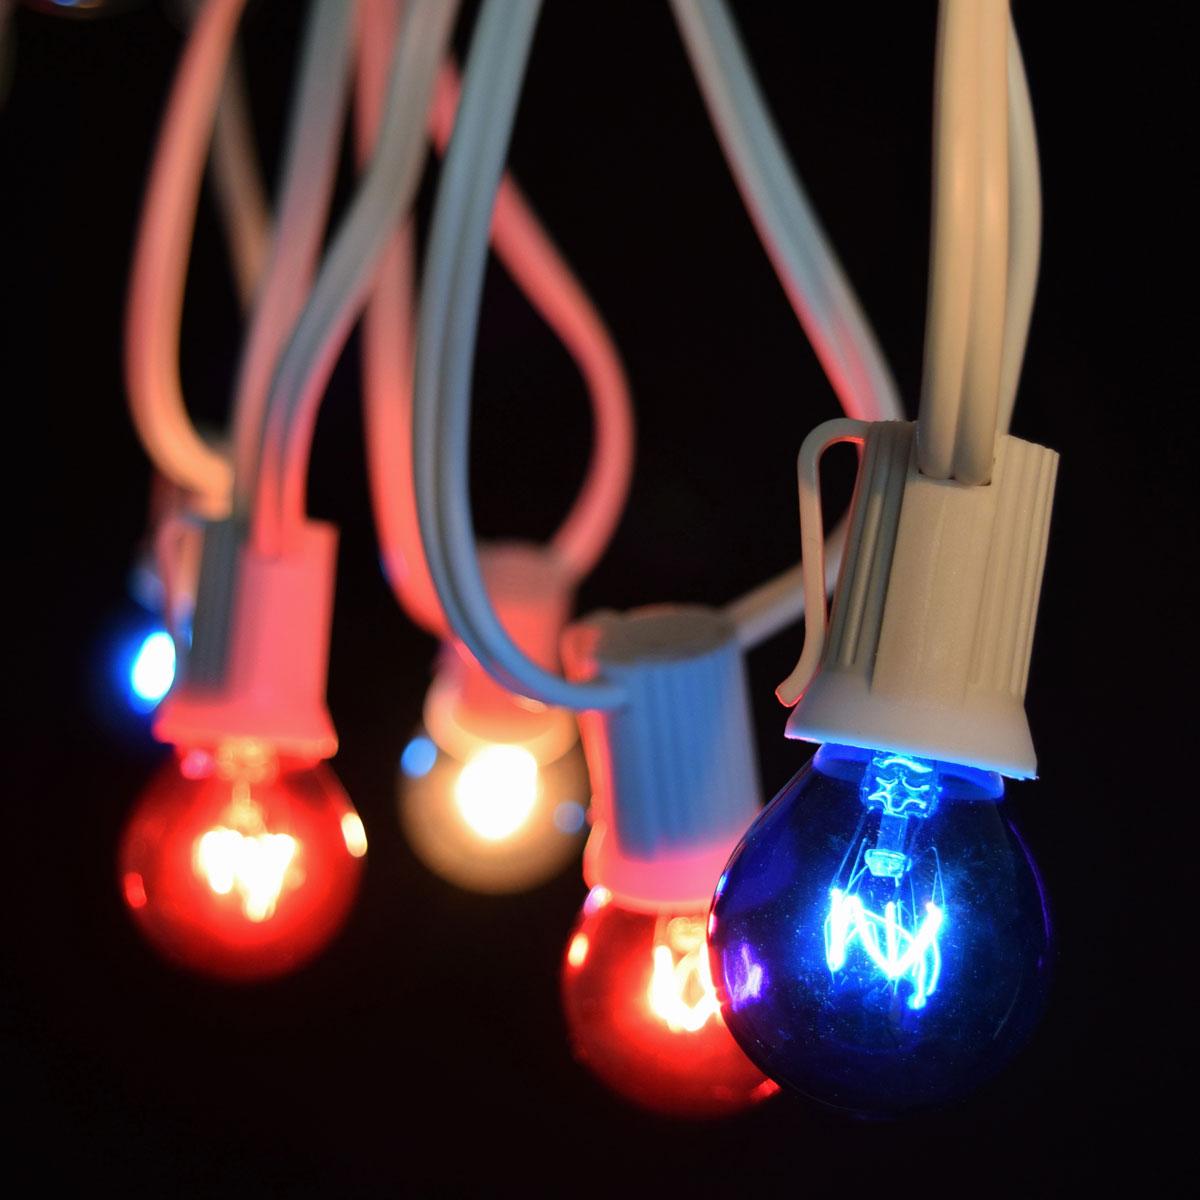 Patriotic Globe String Lights : 50 Commercial Red, White, Blue Globe Light Strand - White C9 Strand